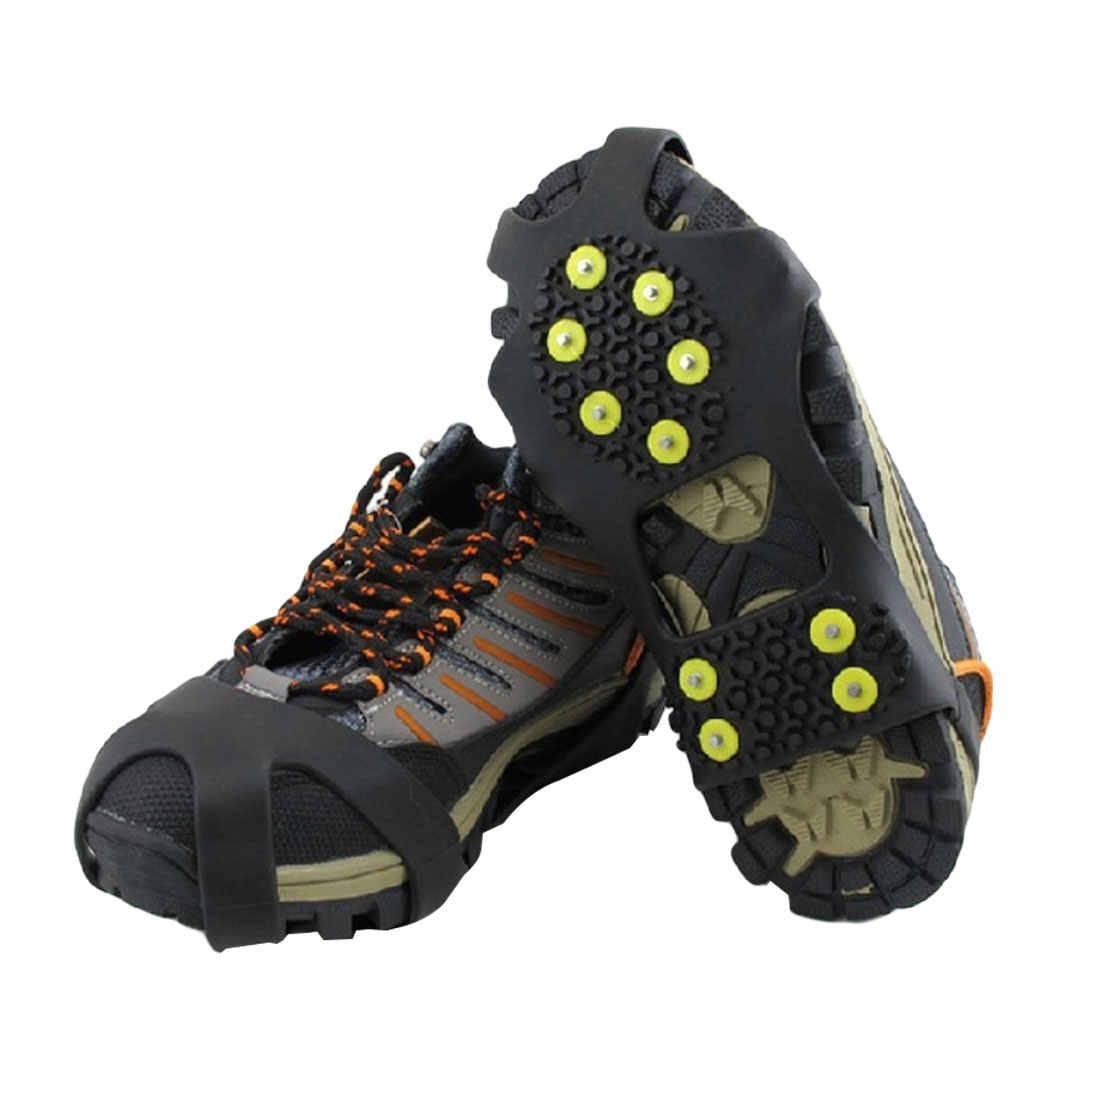 3 حجم 10 ترصيع المضادة للانزلاق الجليد الشتاء تسلق لا زلة أحذية ثلج المسامير المسامير المسامير على الأحذية يغطي الأشرطة